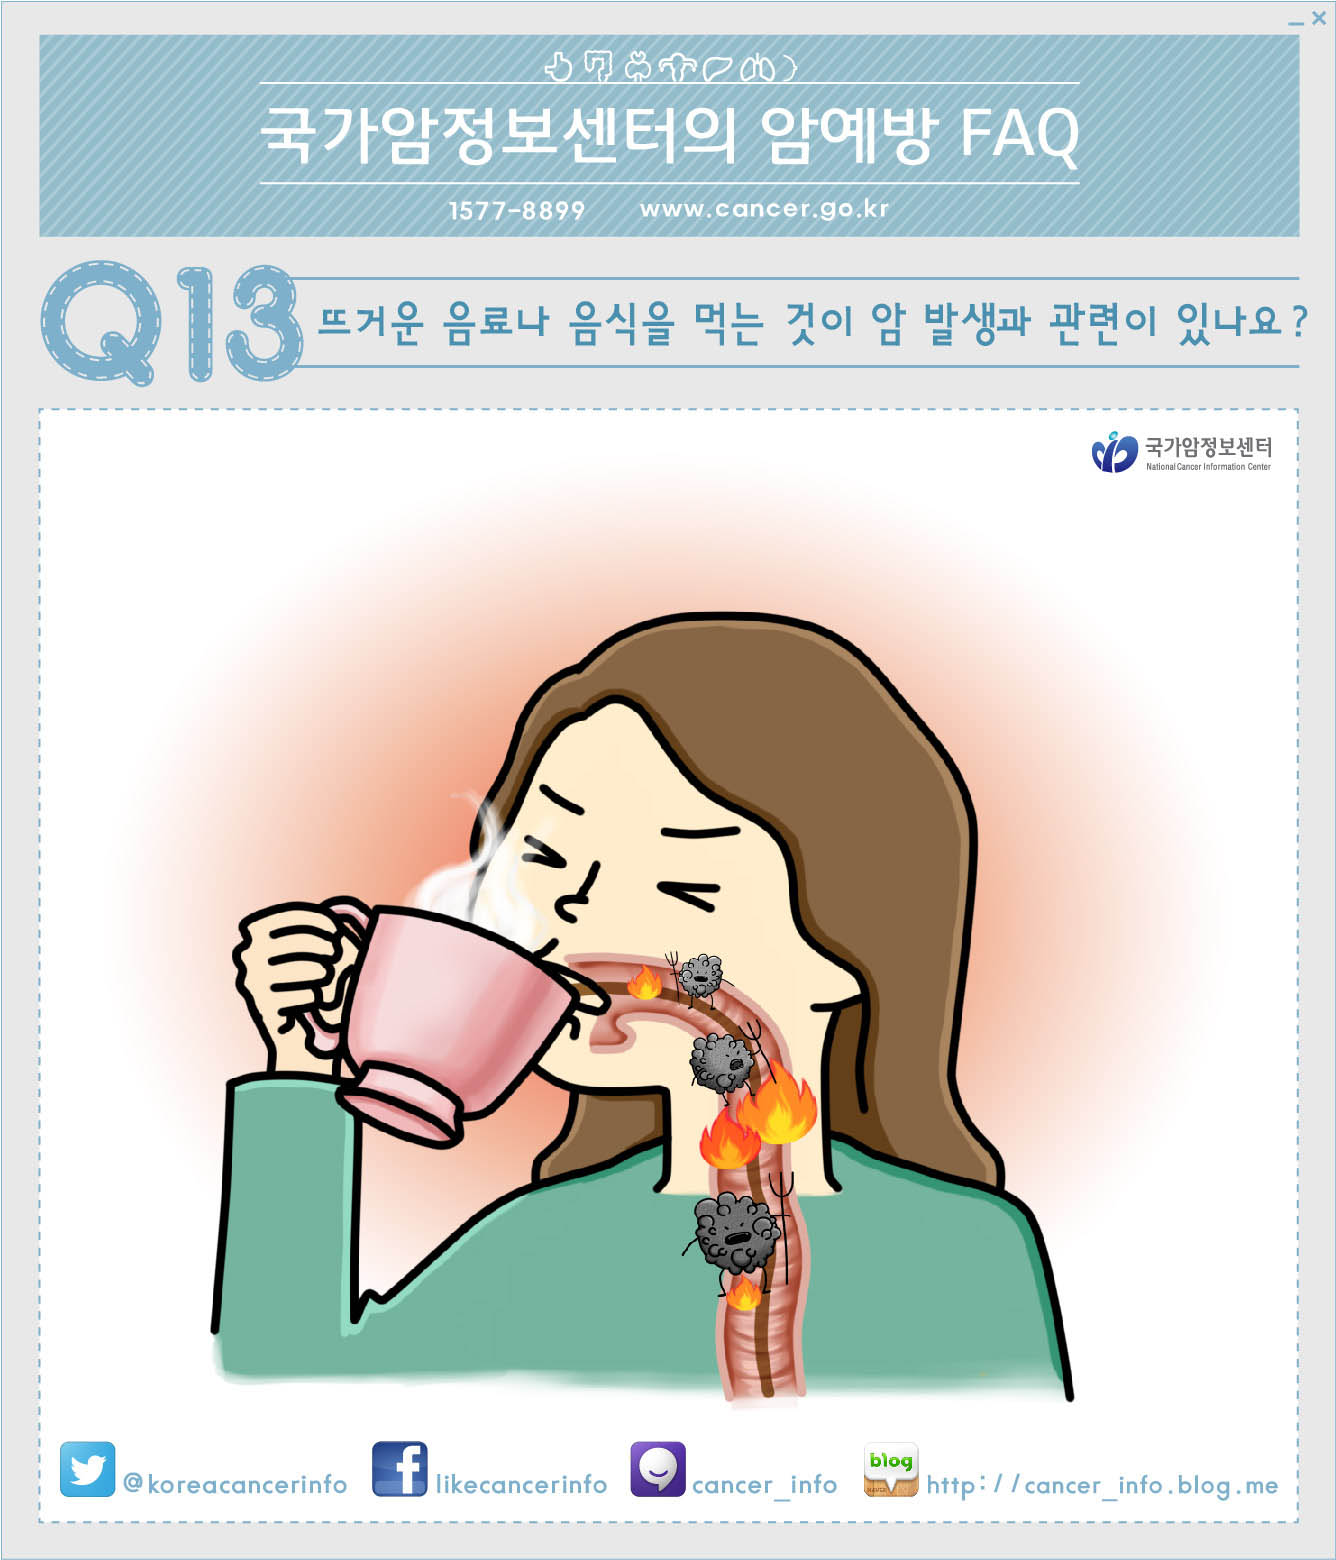 [국가암정보센터 암예방 FAQ] 13. 뜨거운 음료나 ..